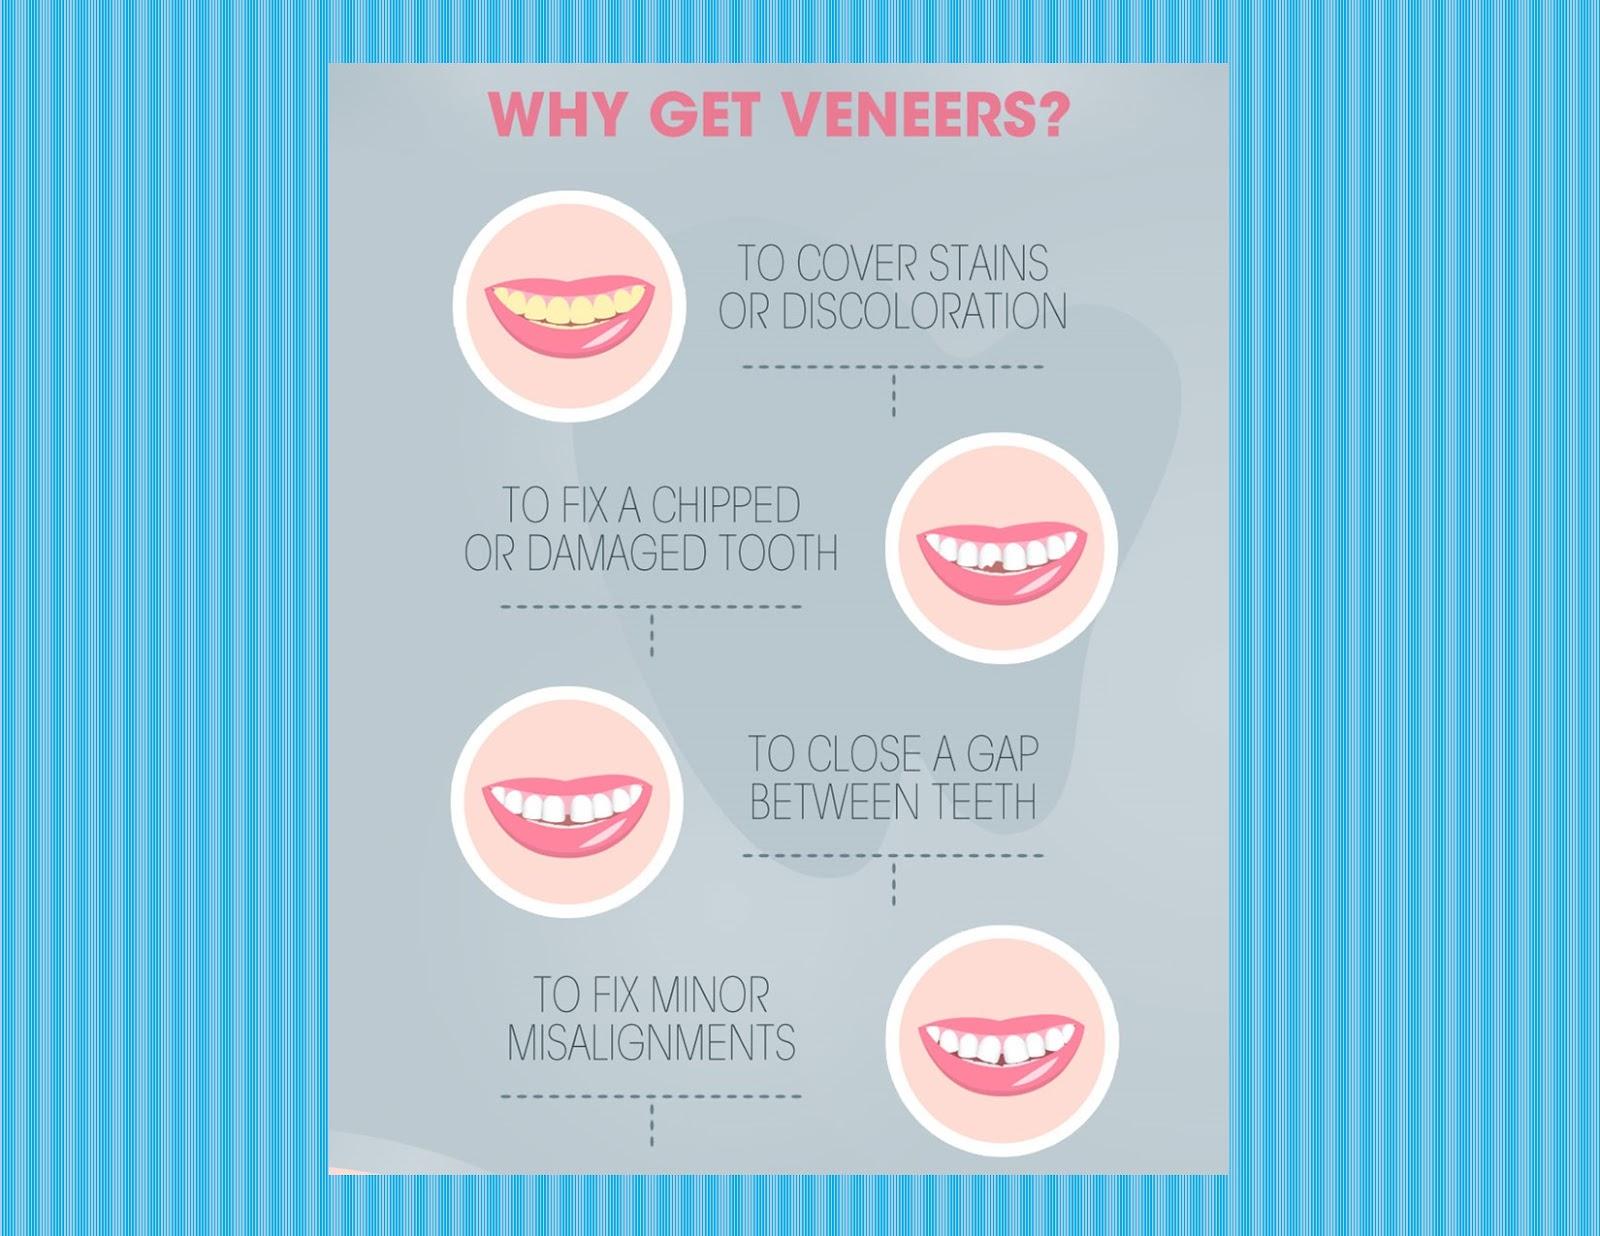 Why Get Veneers?